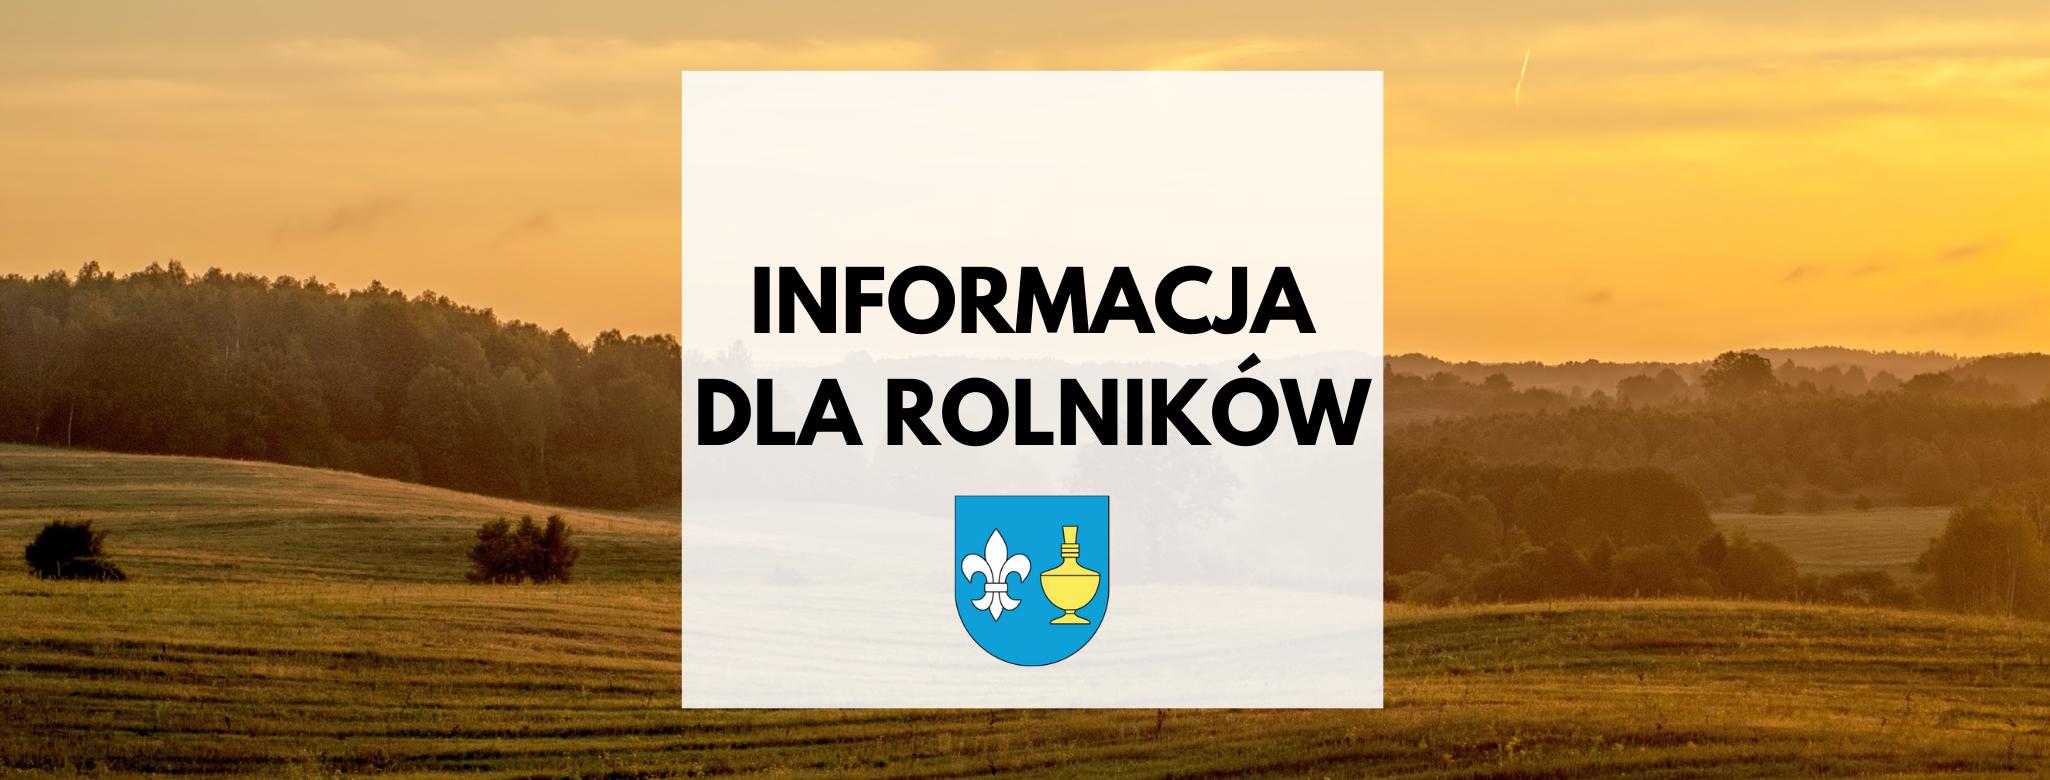 Nagłówek graficzny o treści: informacja dla rolników. Grafika: herb Gminy Koczała, w tle zachód słońca nad polami